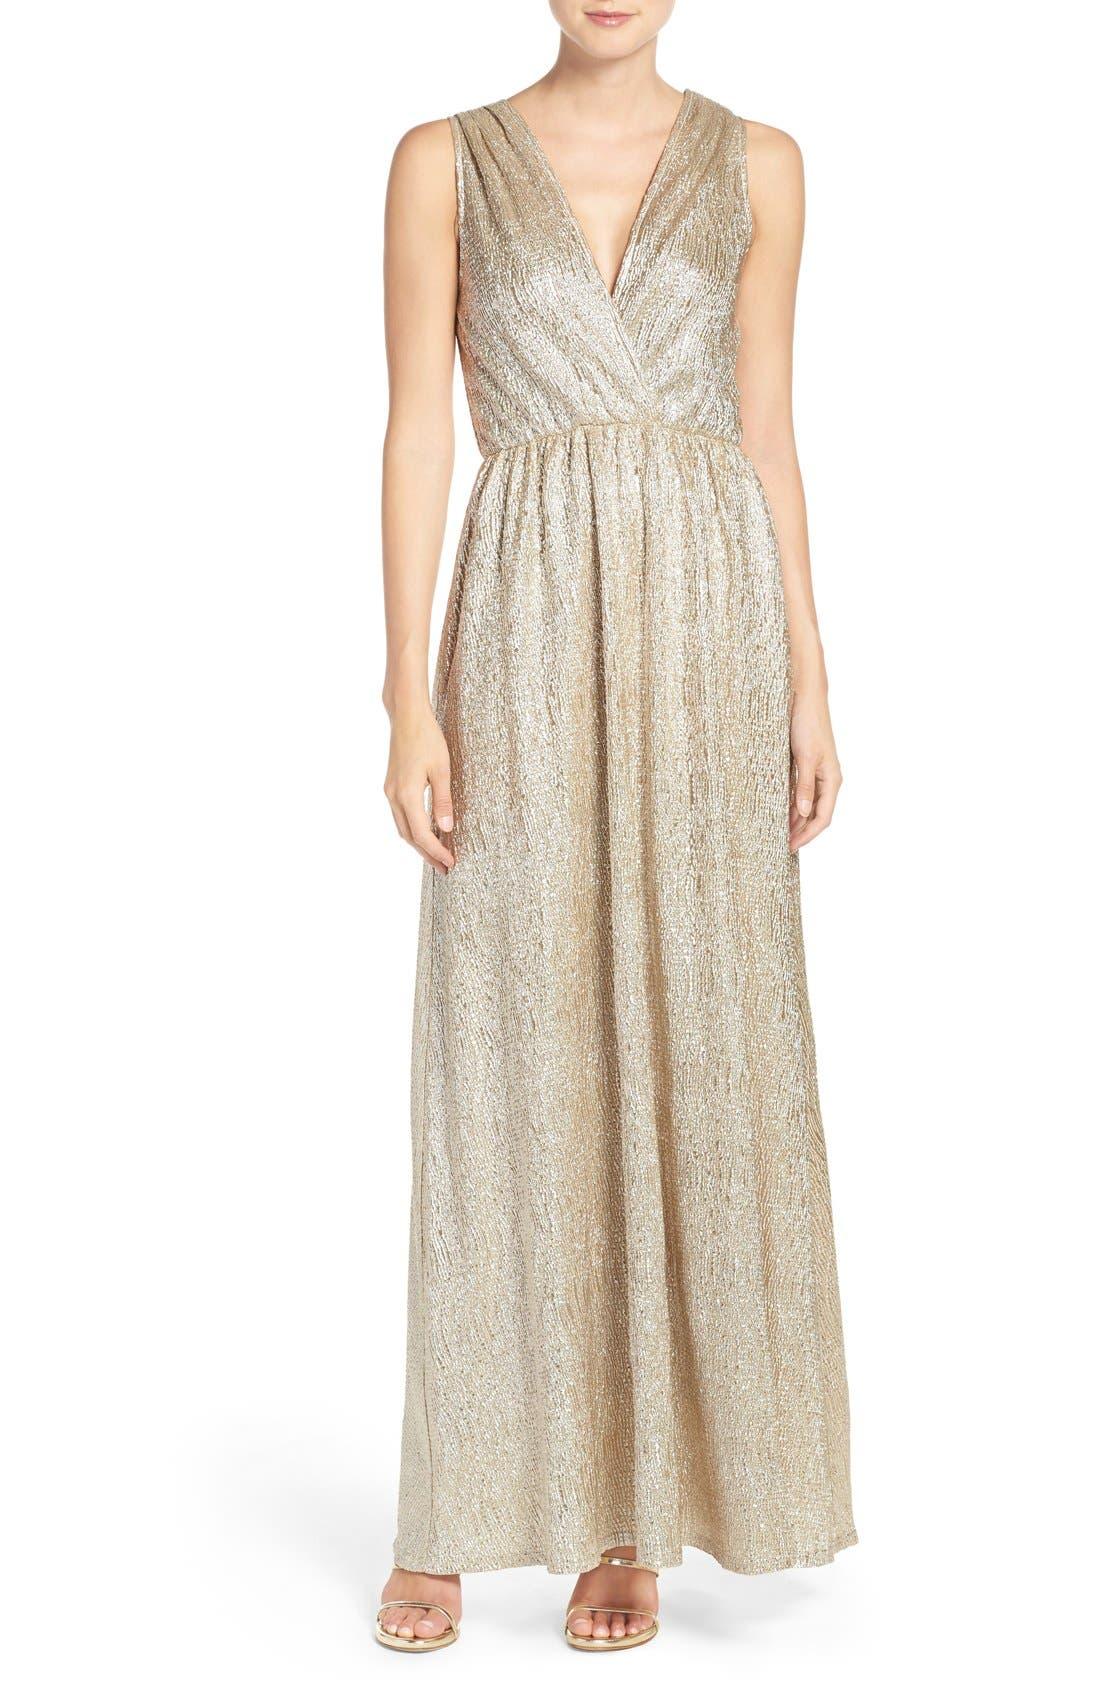 Main Image - Lulus Surplice V-Neck Sleeveless Shimmer Gown